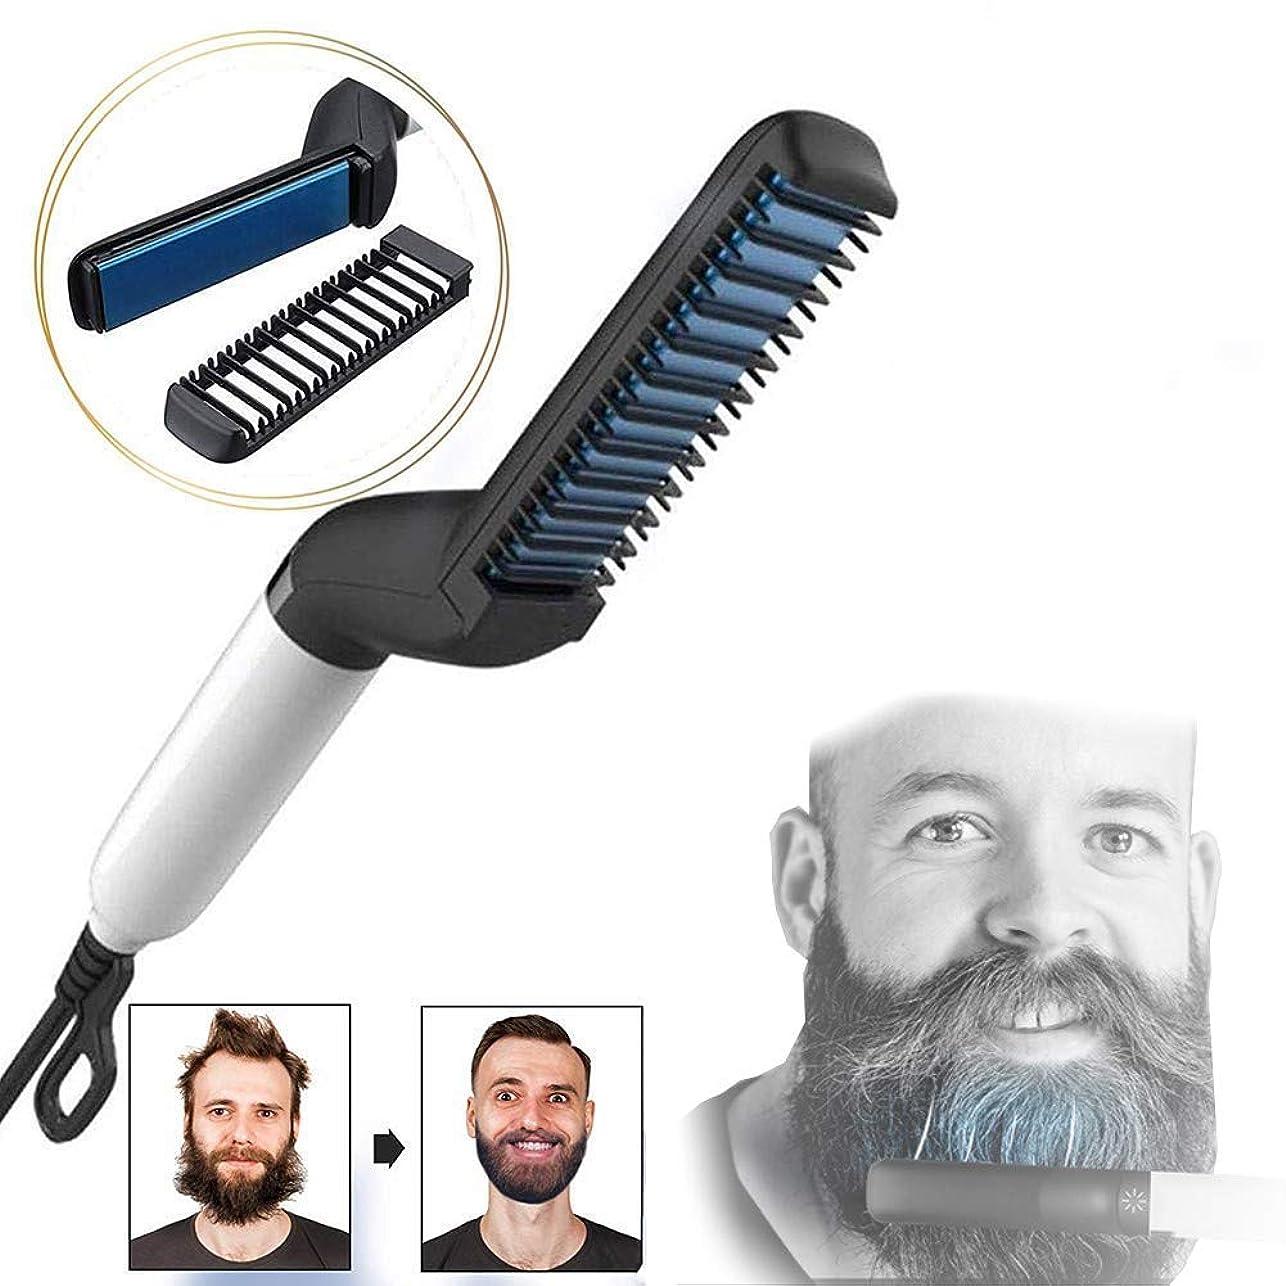 トリムスライム飢ひげ矯正ブラシ、櫛をスタイリングするくしヘアスタイラーヘアストレートヒートブラシマジックマッサージくし電気髪ツール男性用、クイックひげ矯正くし男